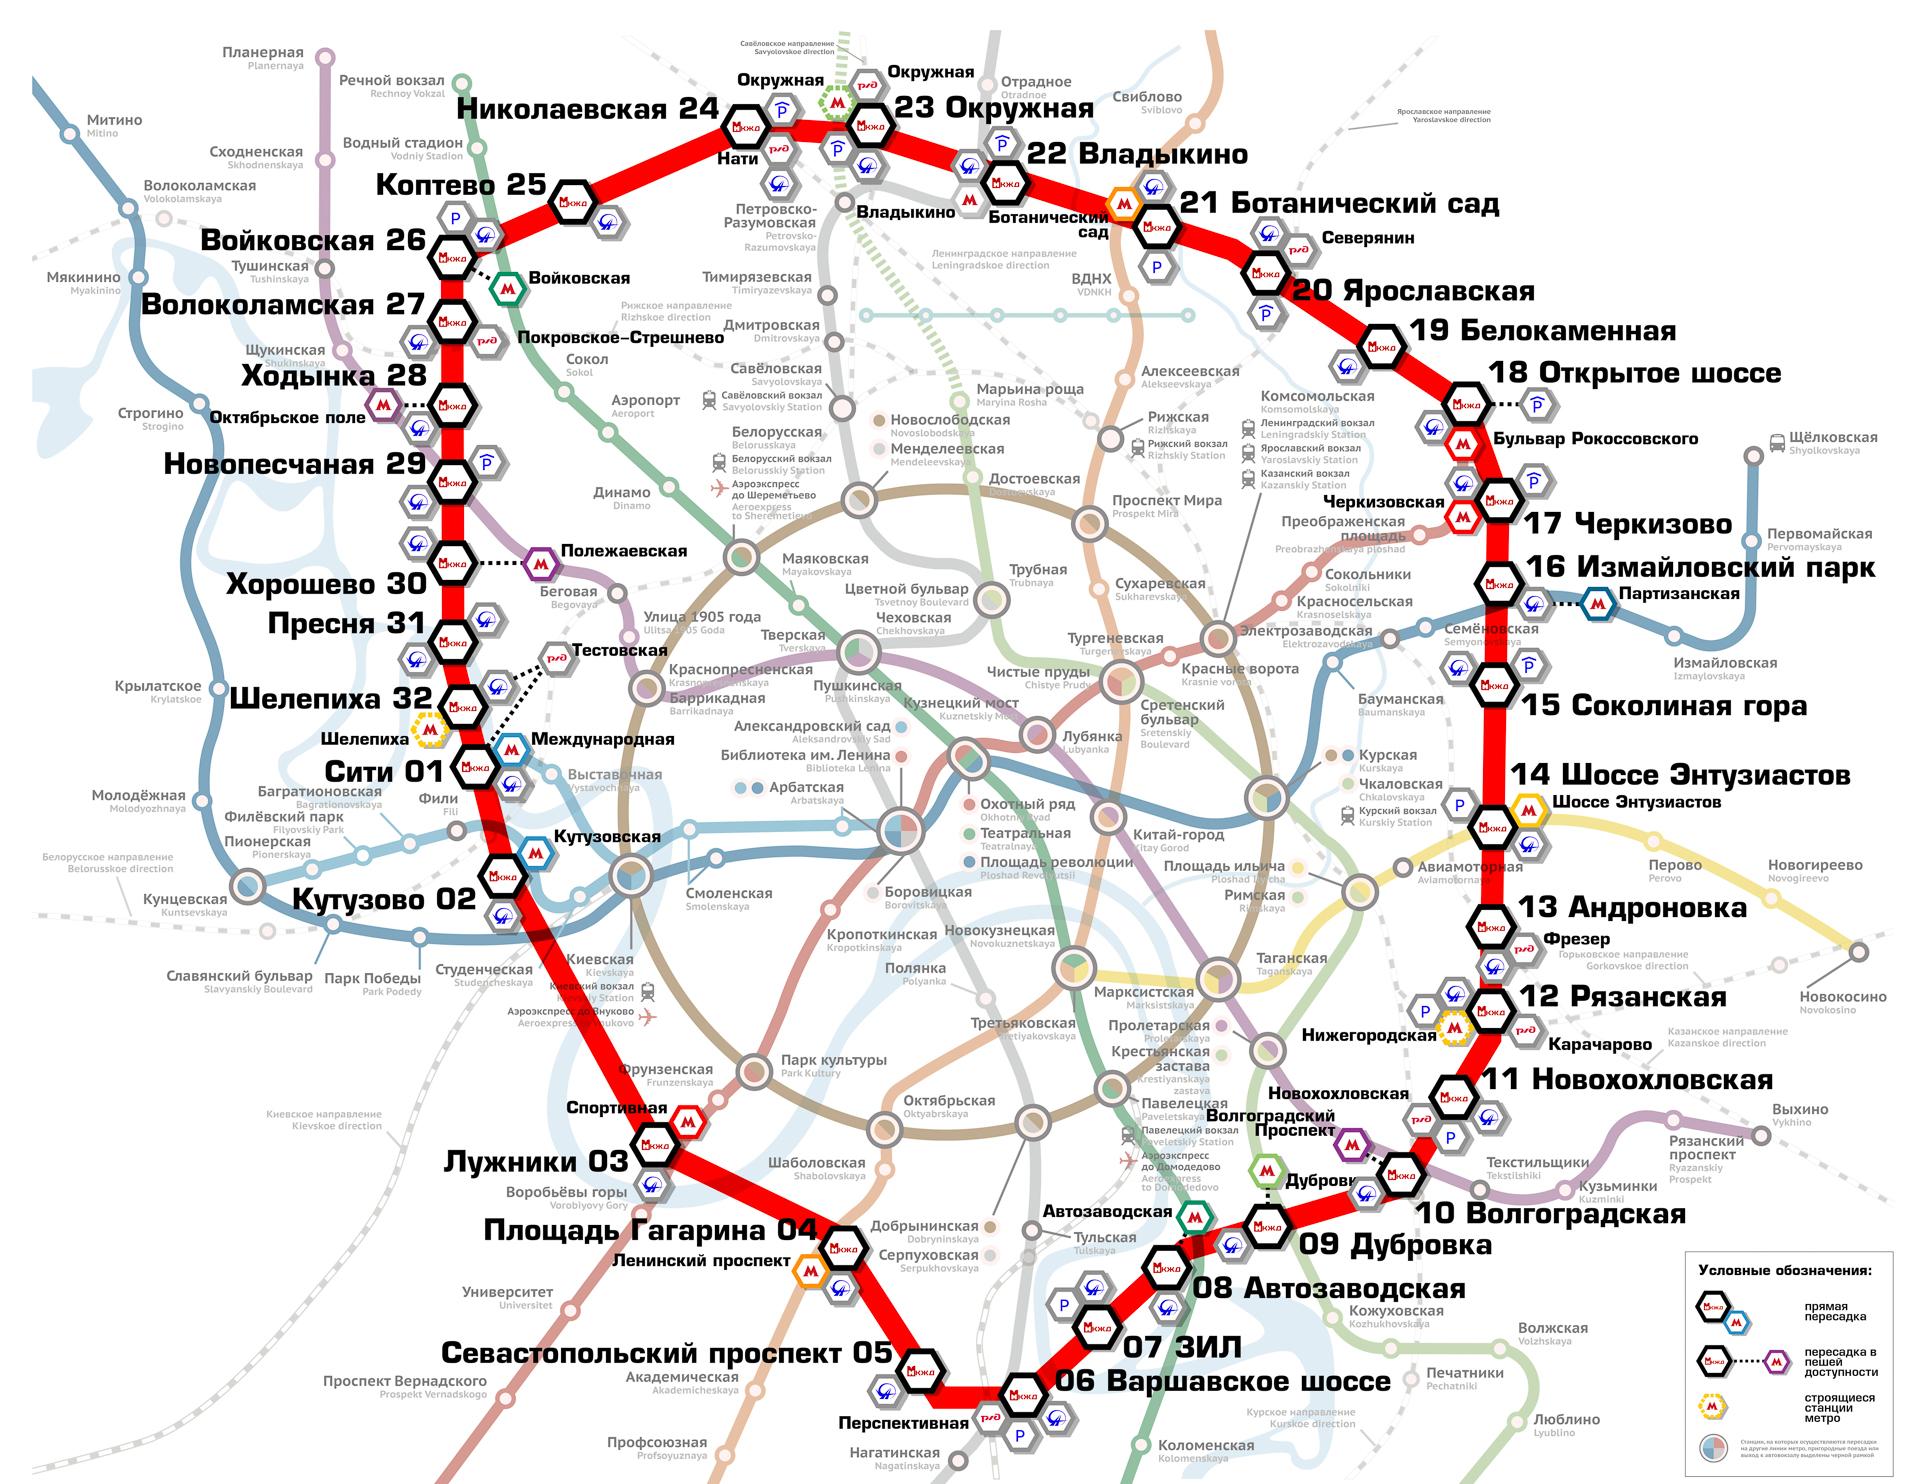 второе кольцо в московском метро схема